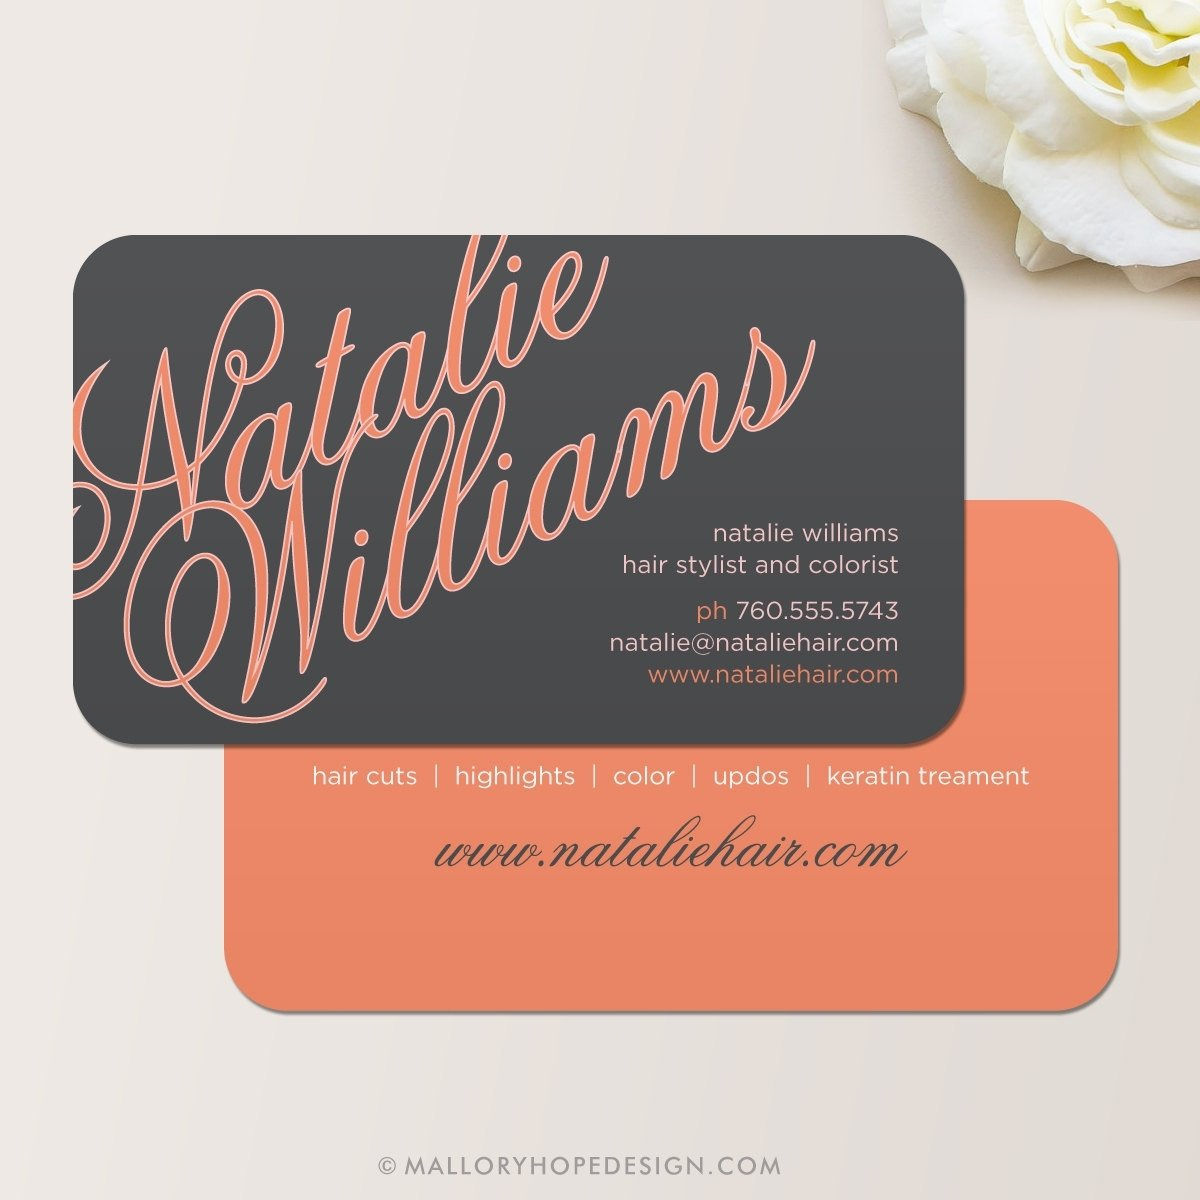 10 Great Hair Stylist Business Card Ideas hair salon business card design ideas hair salon business card 2020